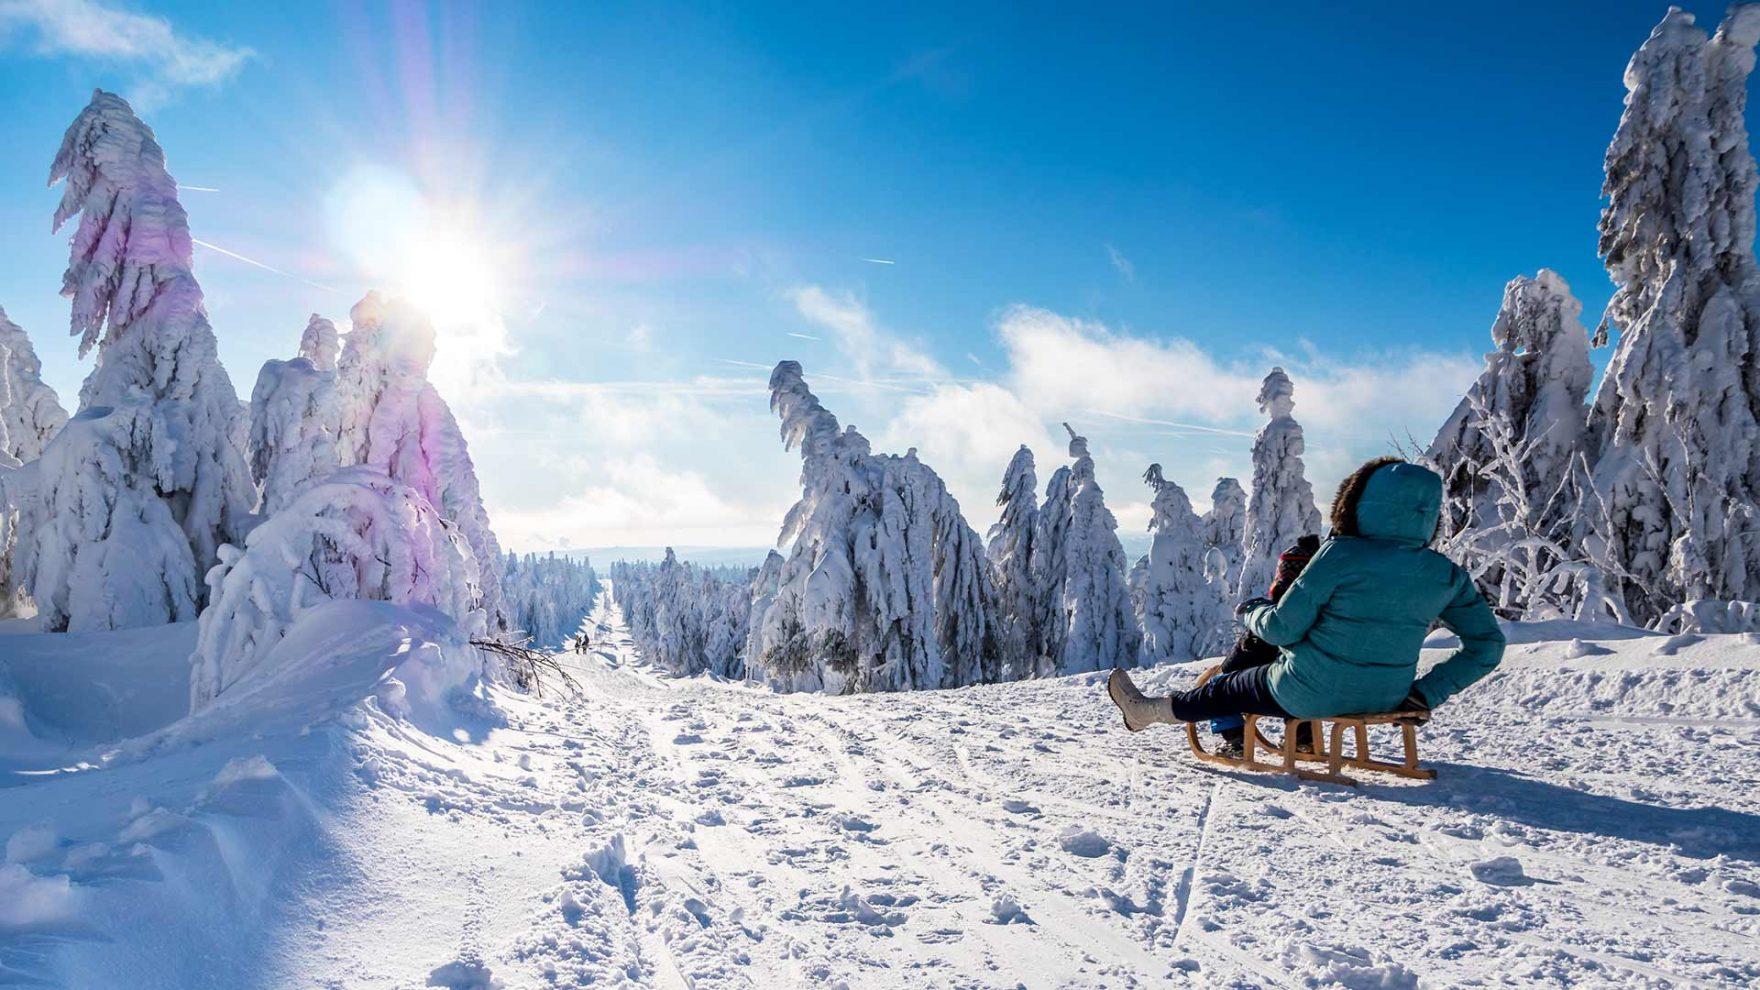 Cosa fare in inverno con il bel tempo